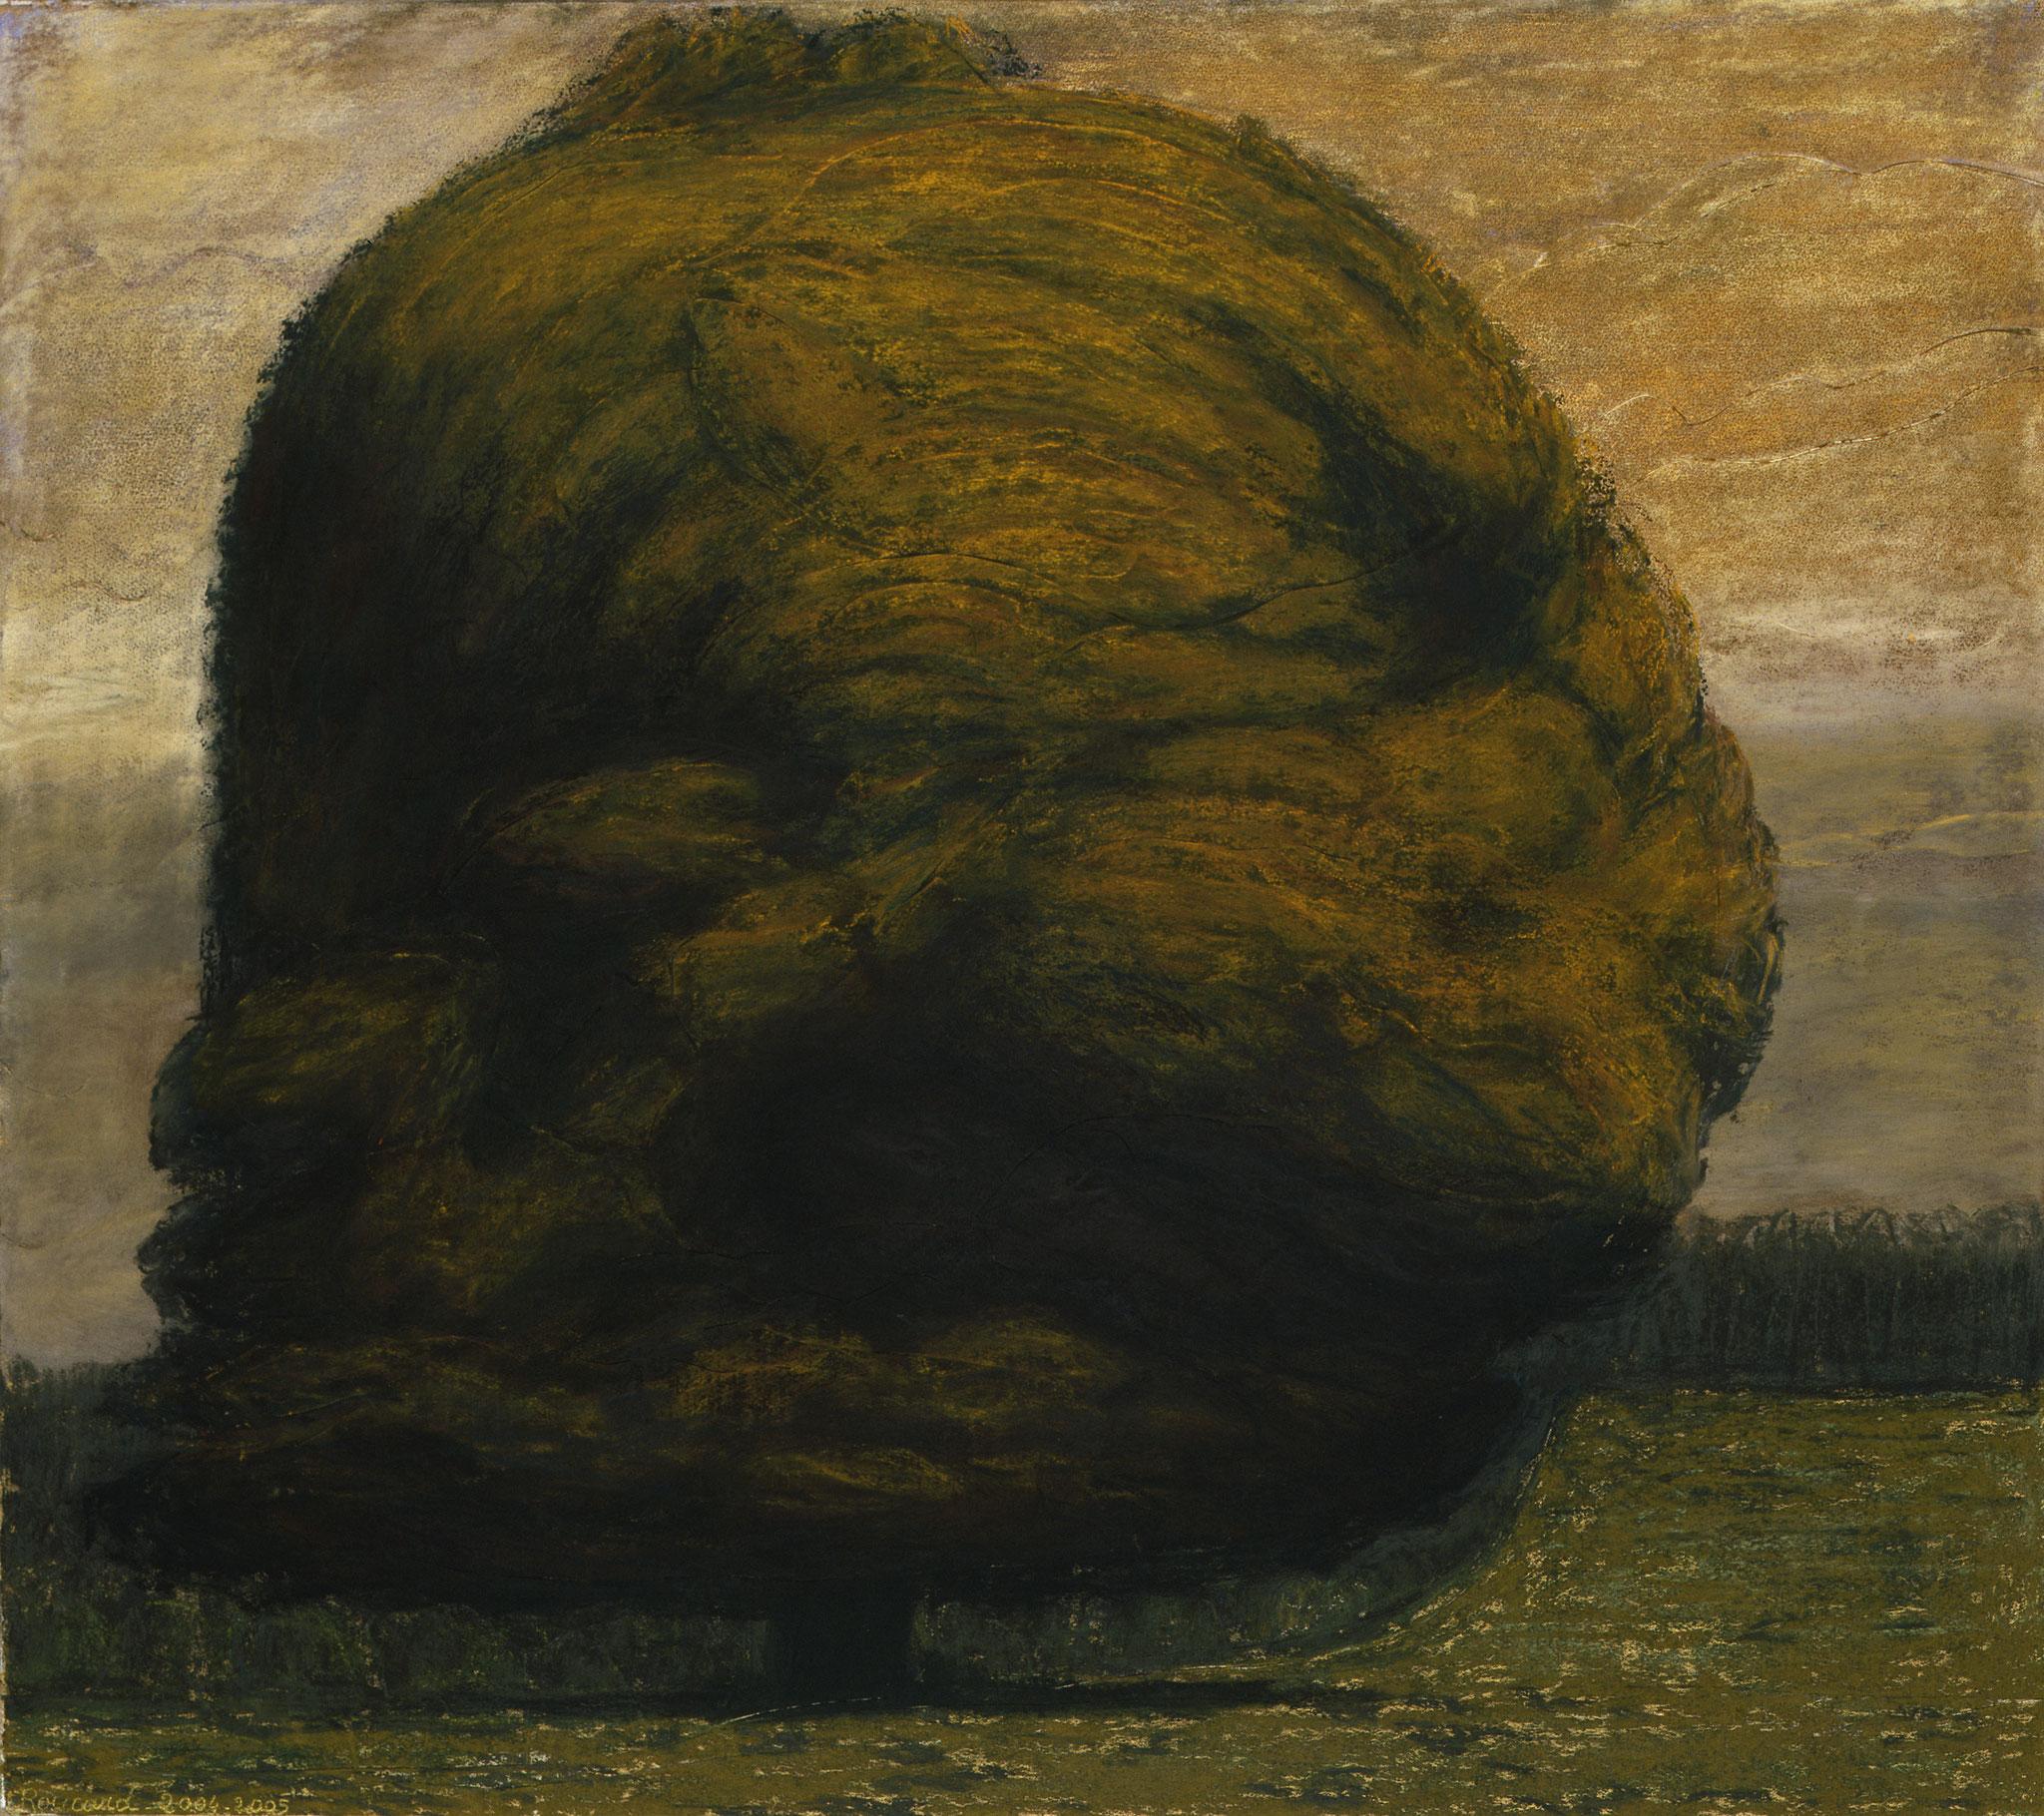 2004 - 2005. 97 x 106 cm. Pastel sur lès de toile marouflés sur toile.